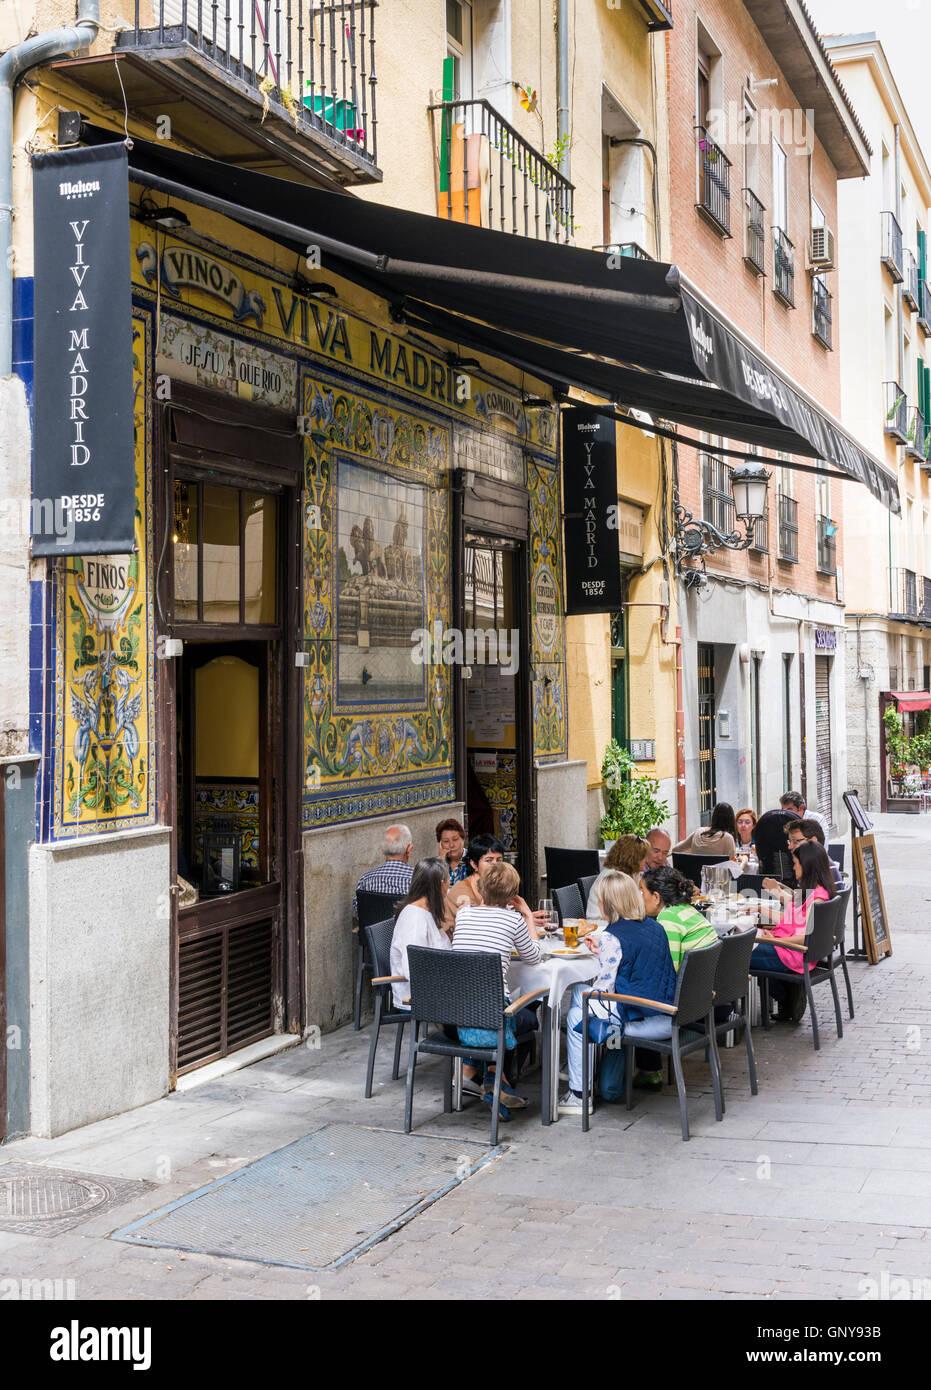 Menschen sitzen vor dem historischen Viva Madrid-Restaurant im Stadtteil Huertas, Madrid, Spanien Stockbild